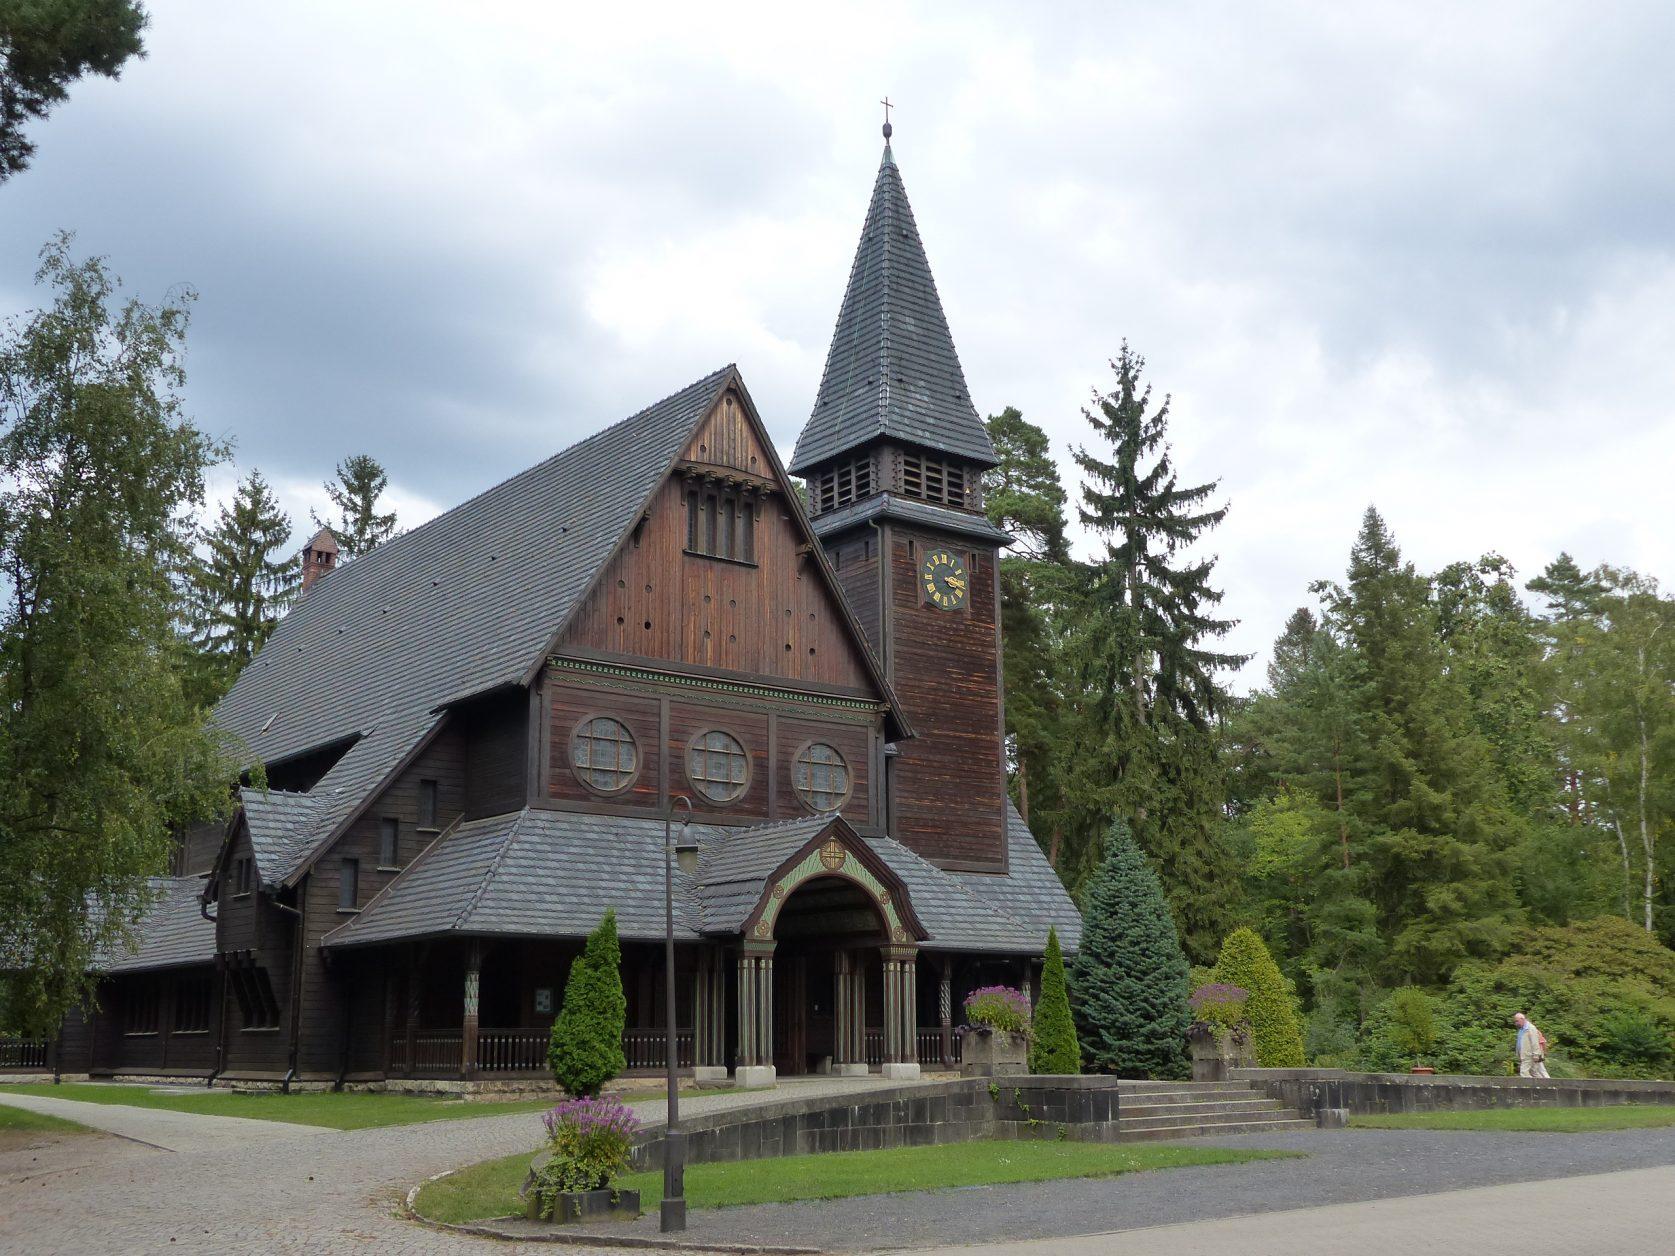 Im Stile norwegischer Holzkirchen, die Kapelle auf dem Stahnsdorfer Südwestkirchhof ©Weirauch